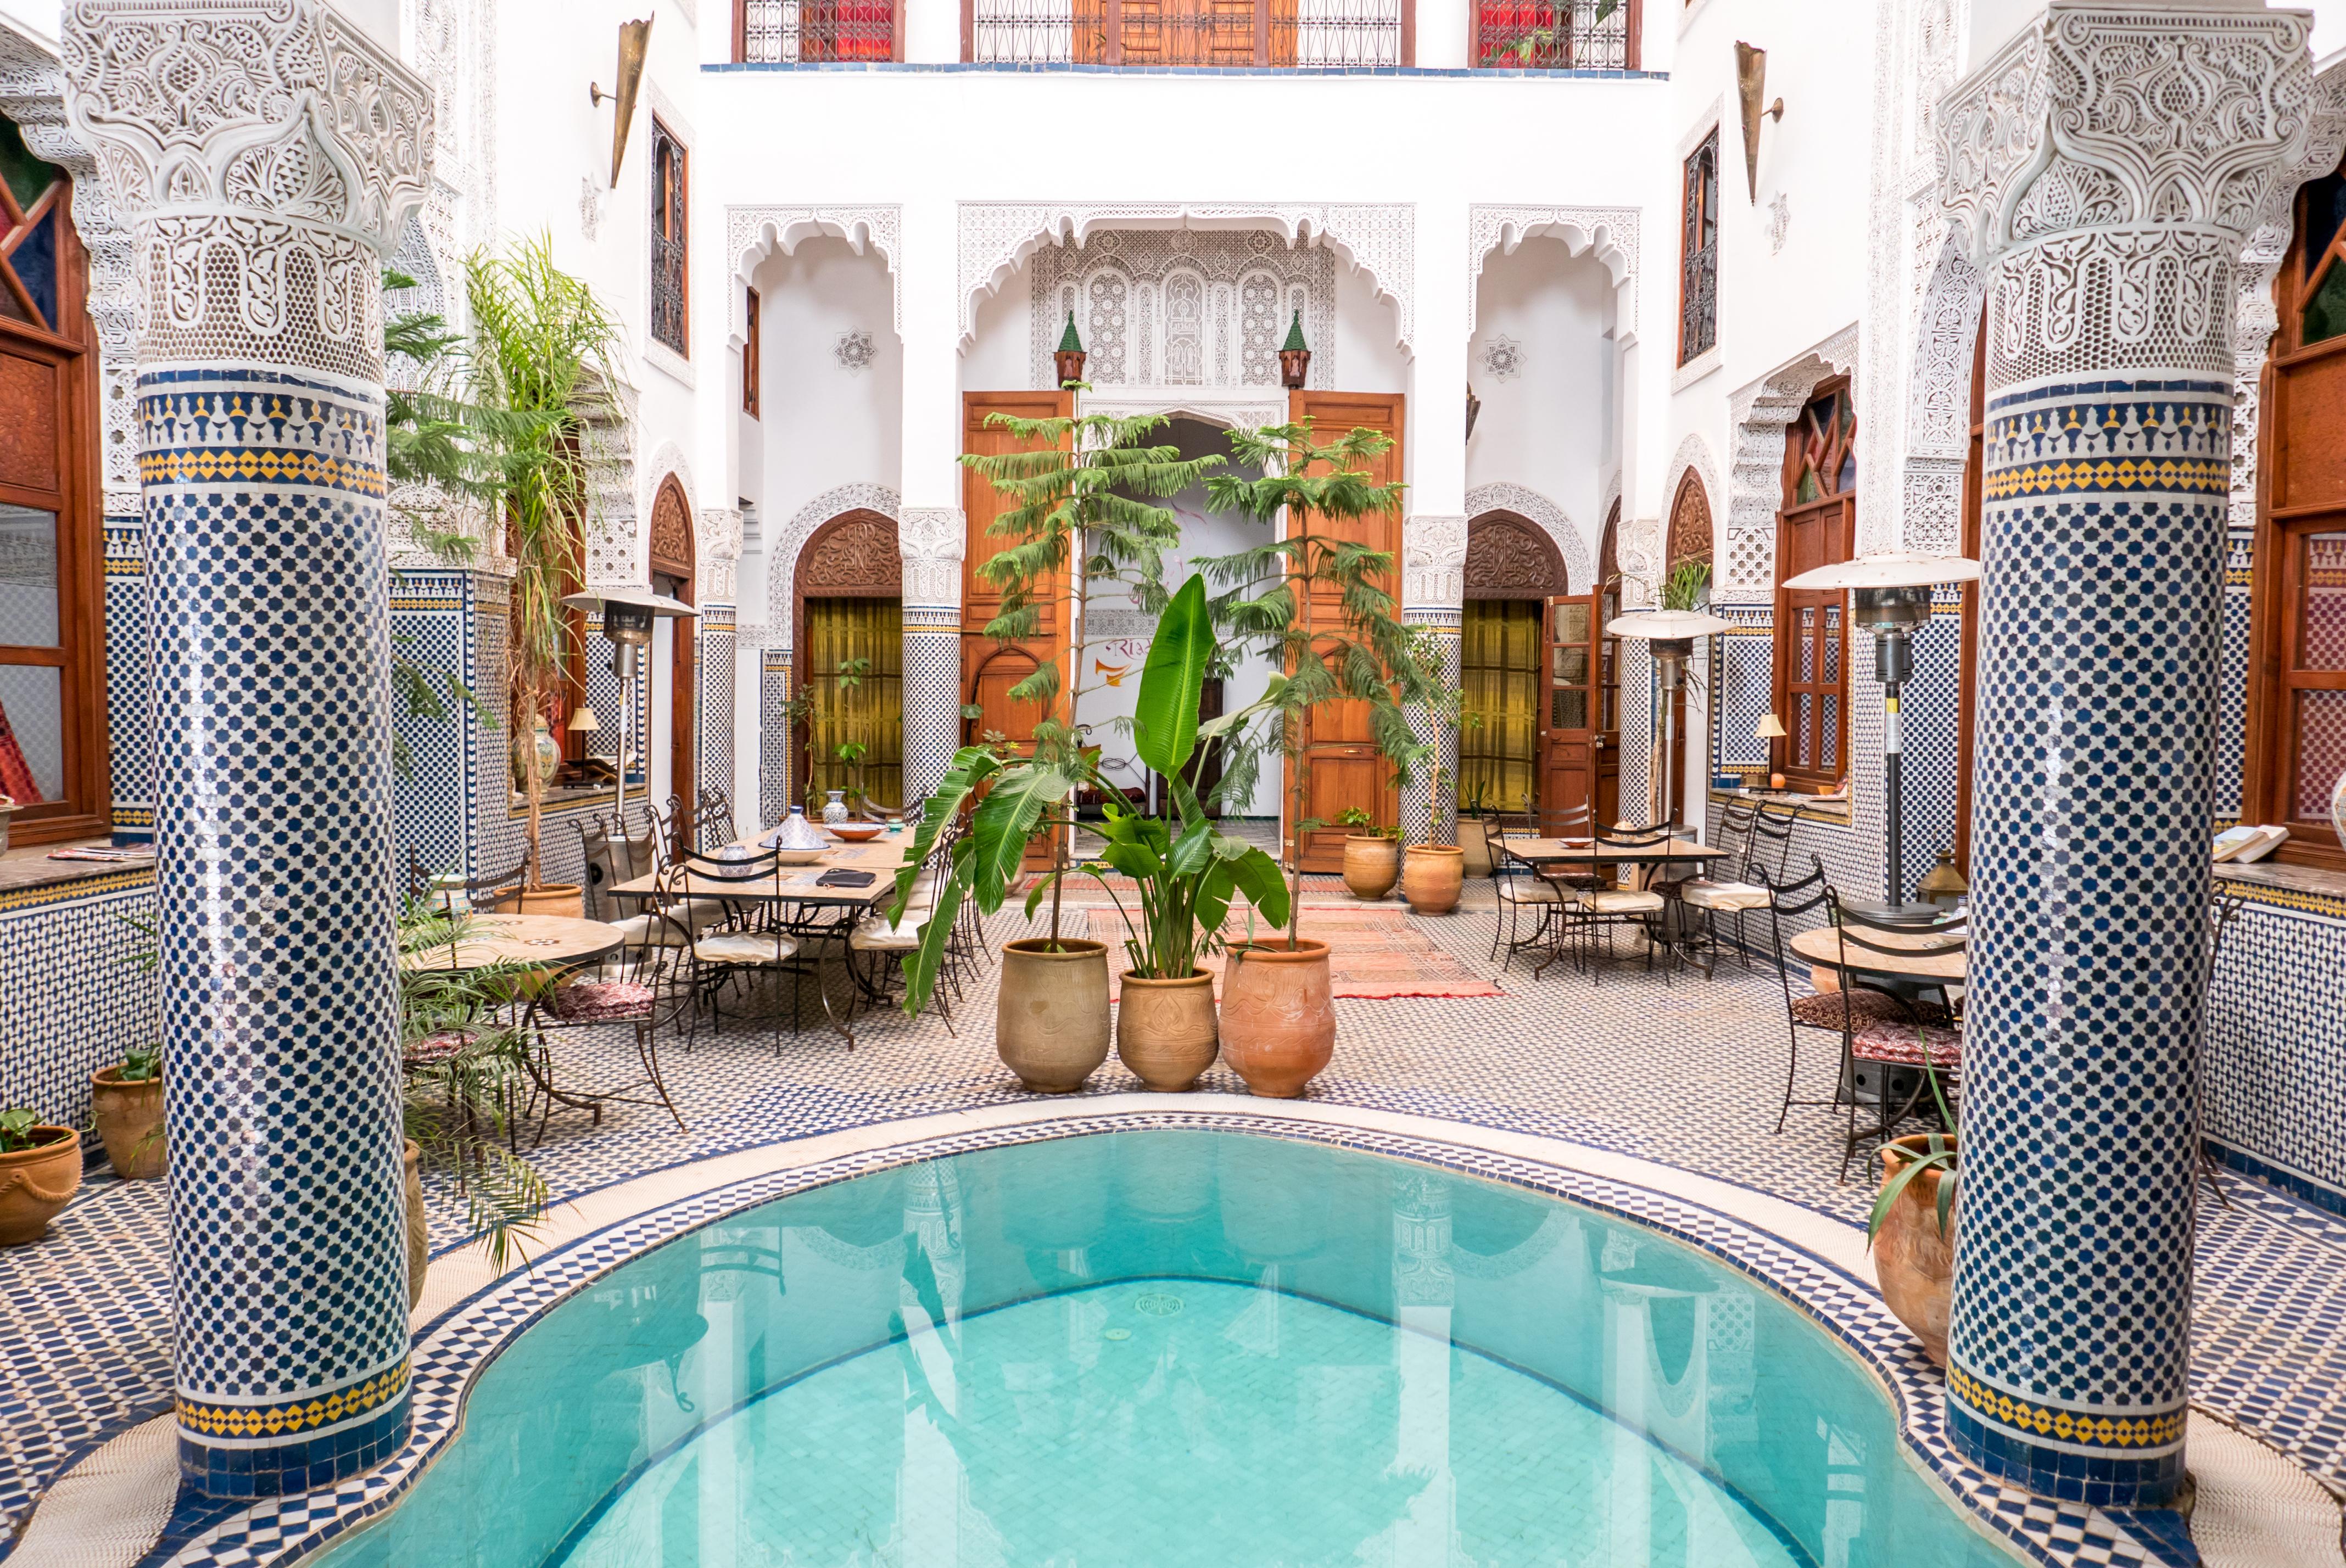 Riad fes avec piscine dans la vieille ville du nord maroc for Riad essaouira avec piscine